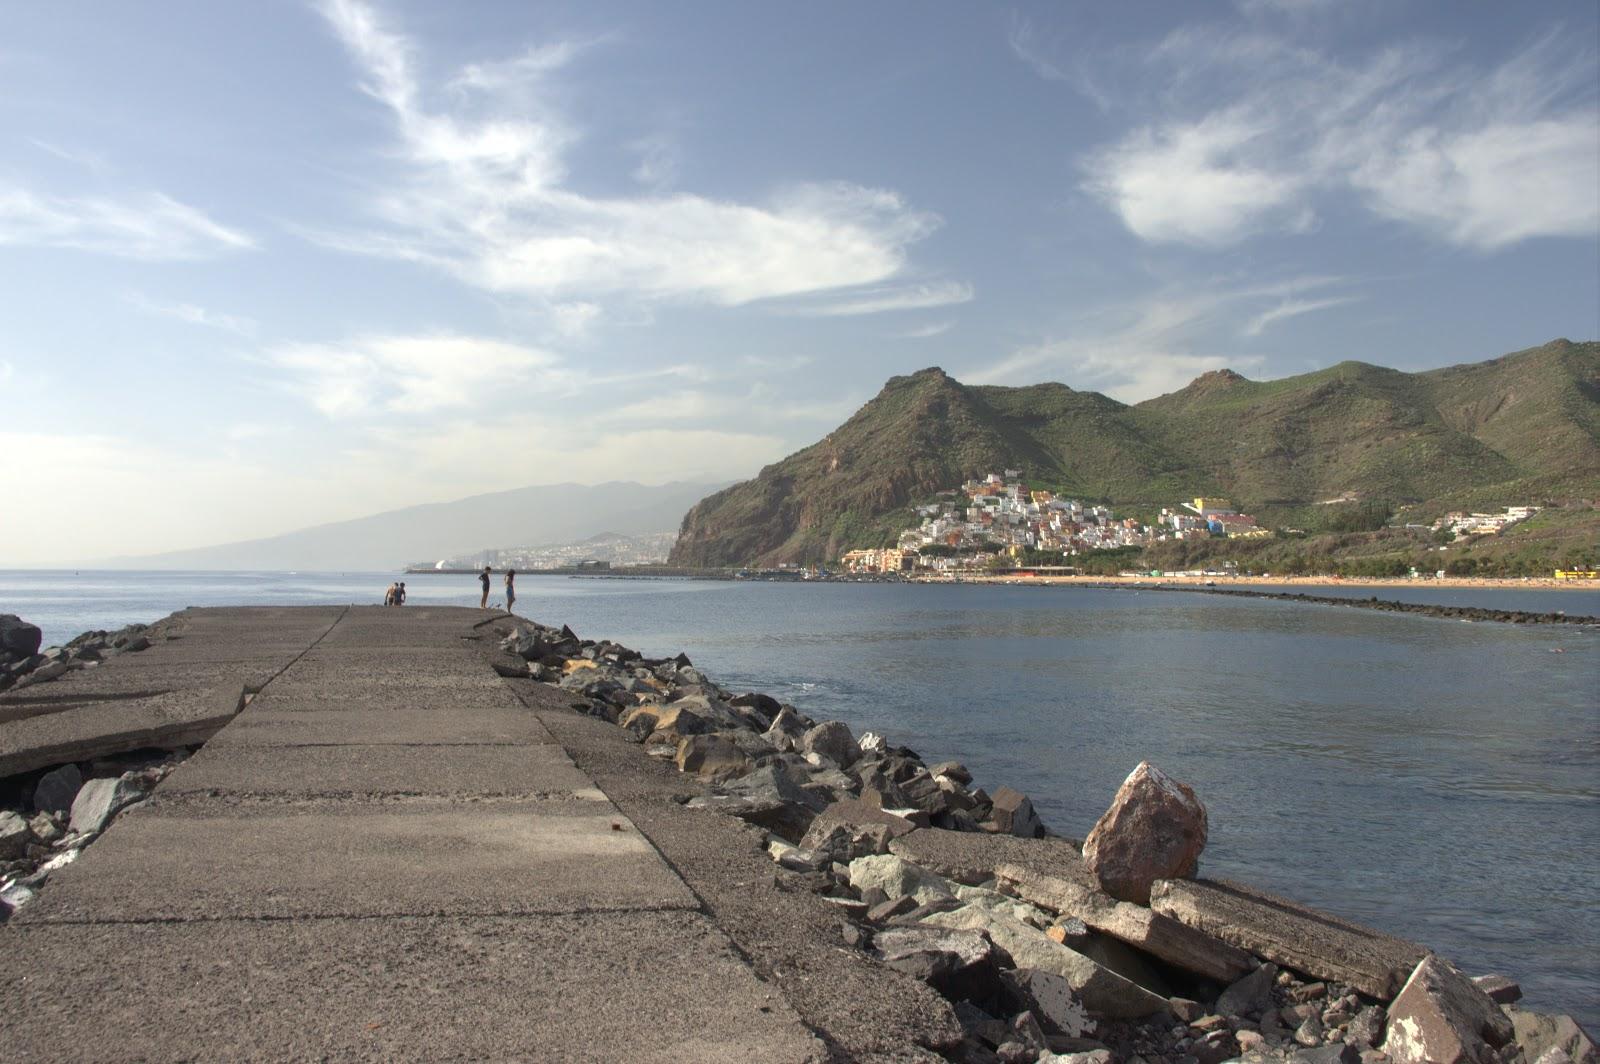 Playa Antequera